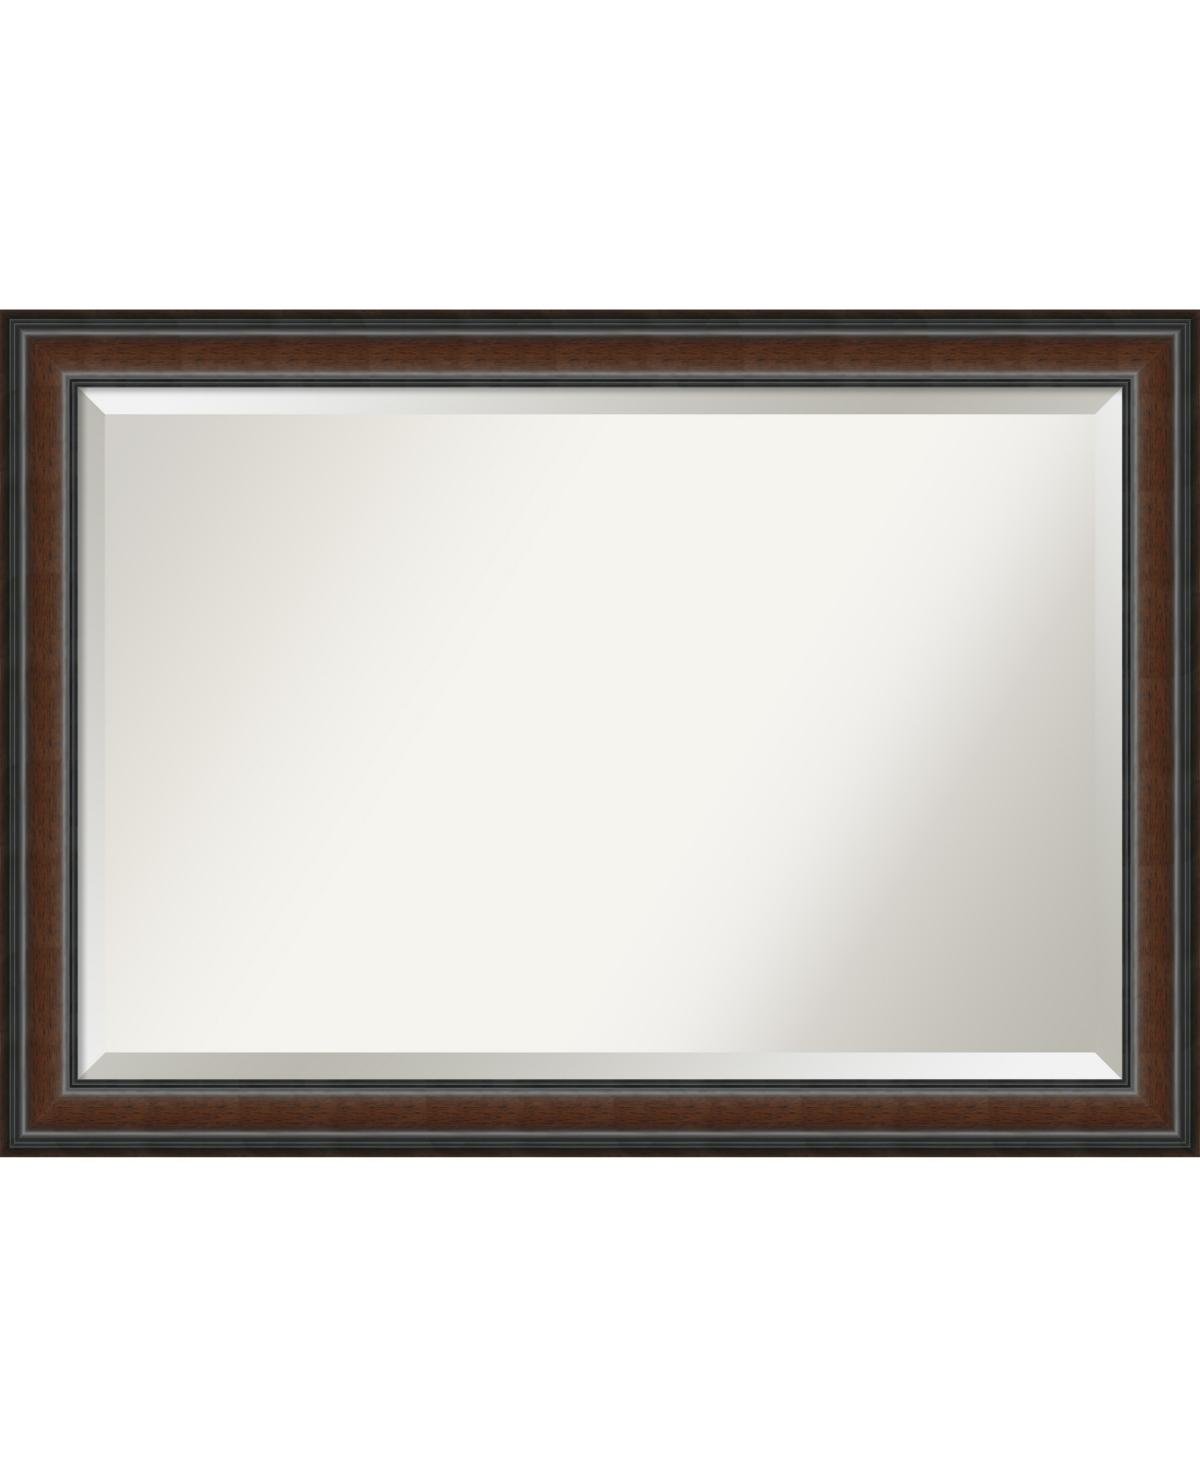 Amanti Art Cyprus 41x29 Bathroom Mirror